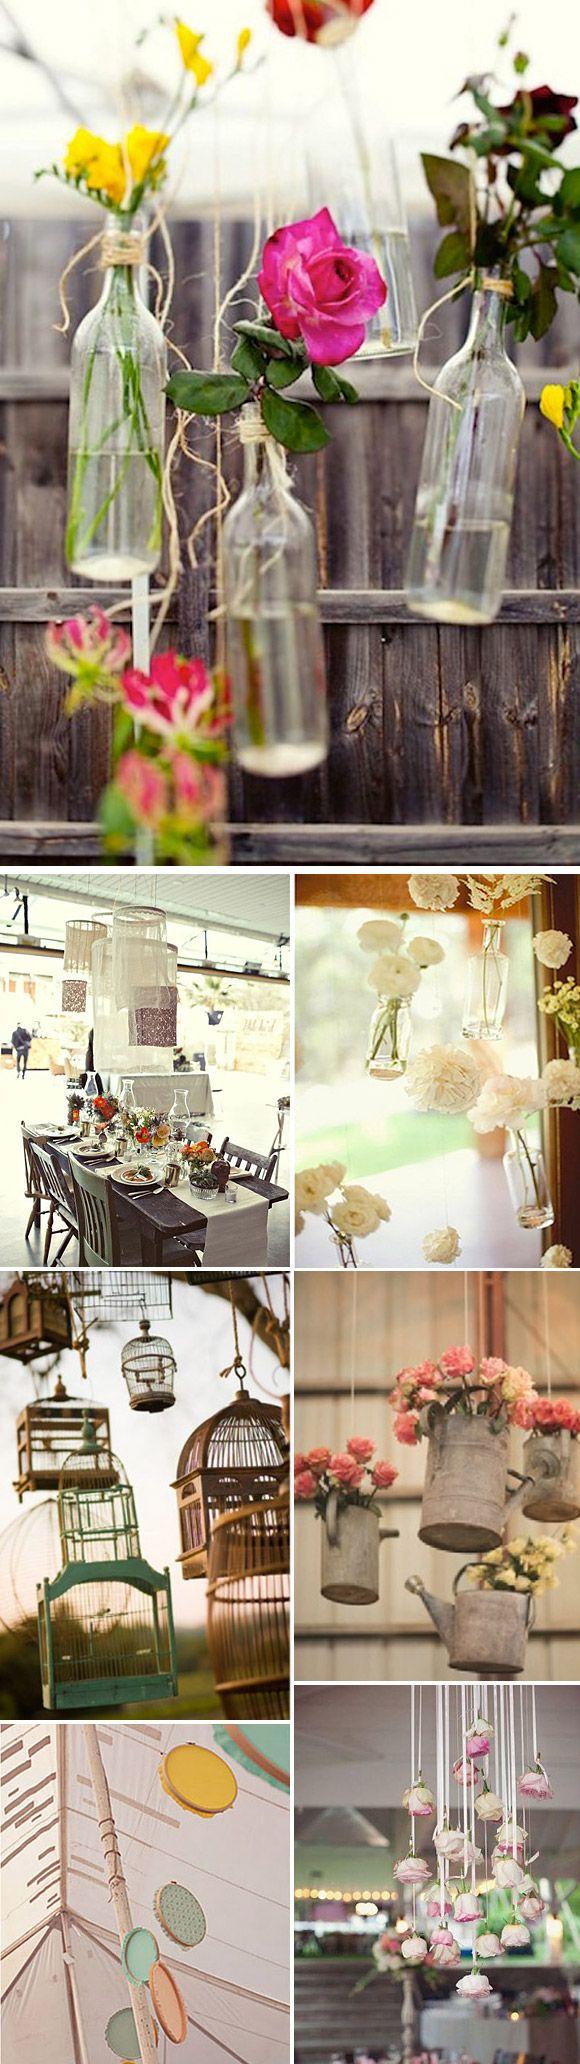 Peque os detalles m gicos para que tu boda sea perfecta - Detalles para una boda perfecta ...